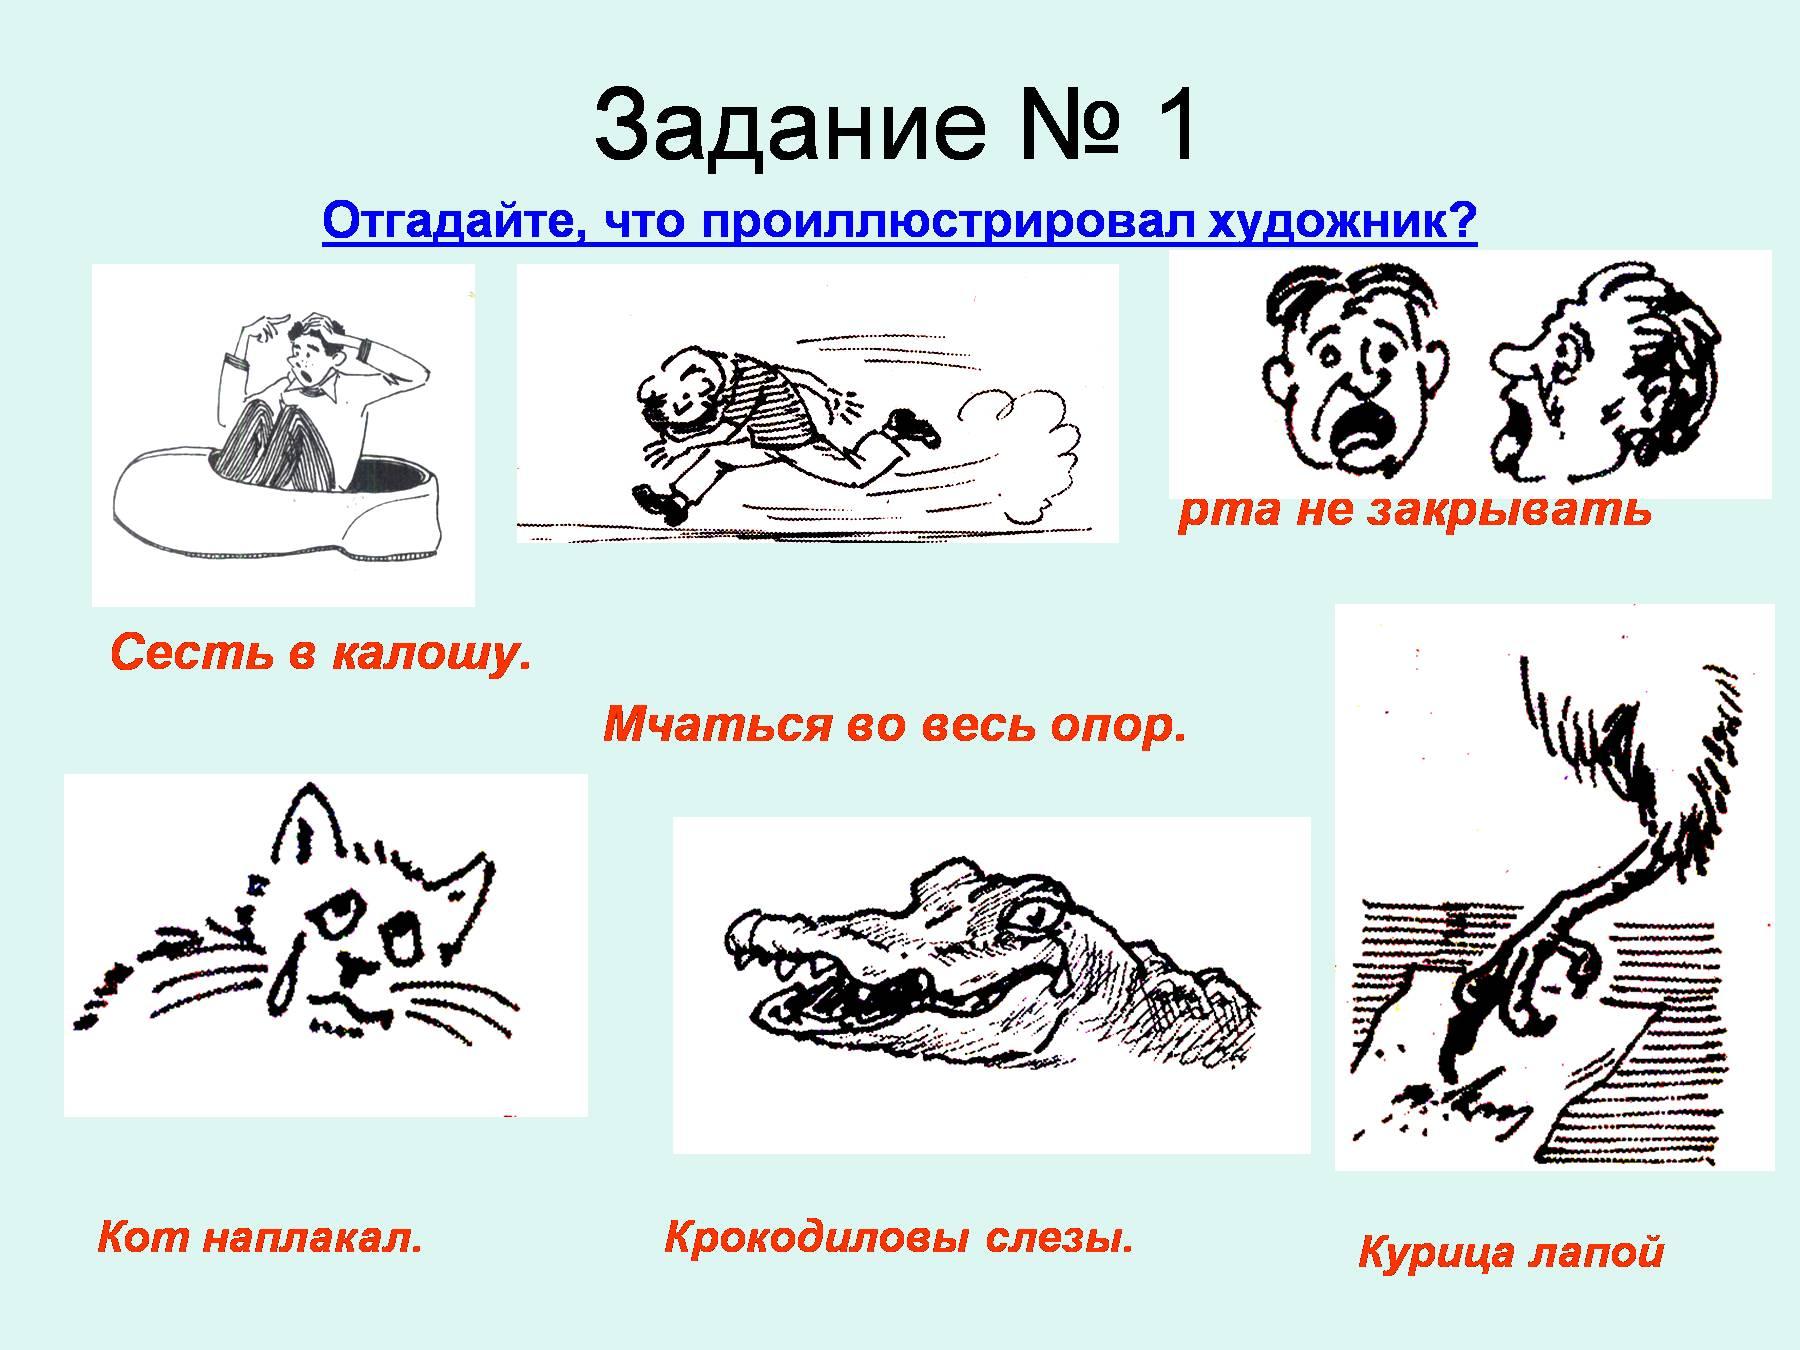 фразеологизмы примеры с картинками с объяснением понимаете